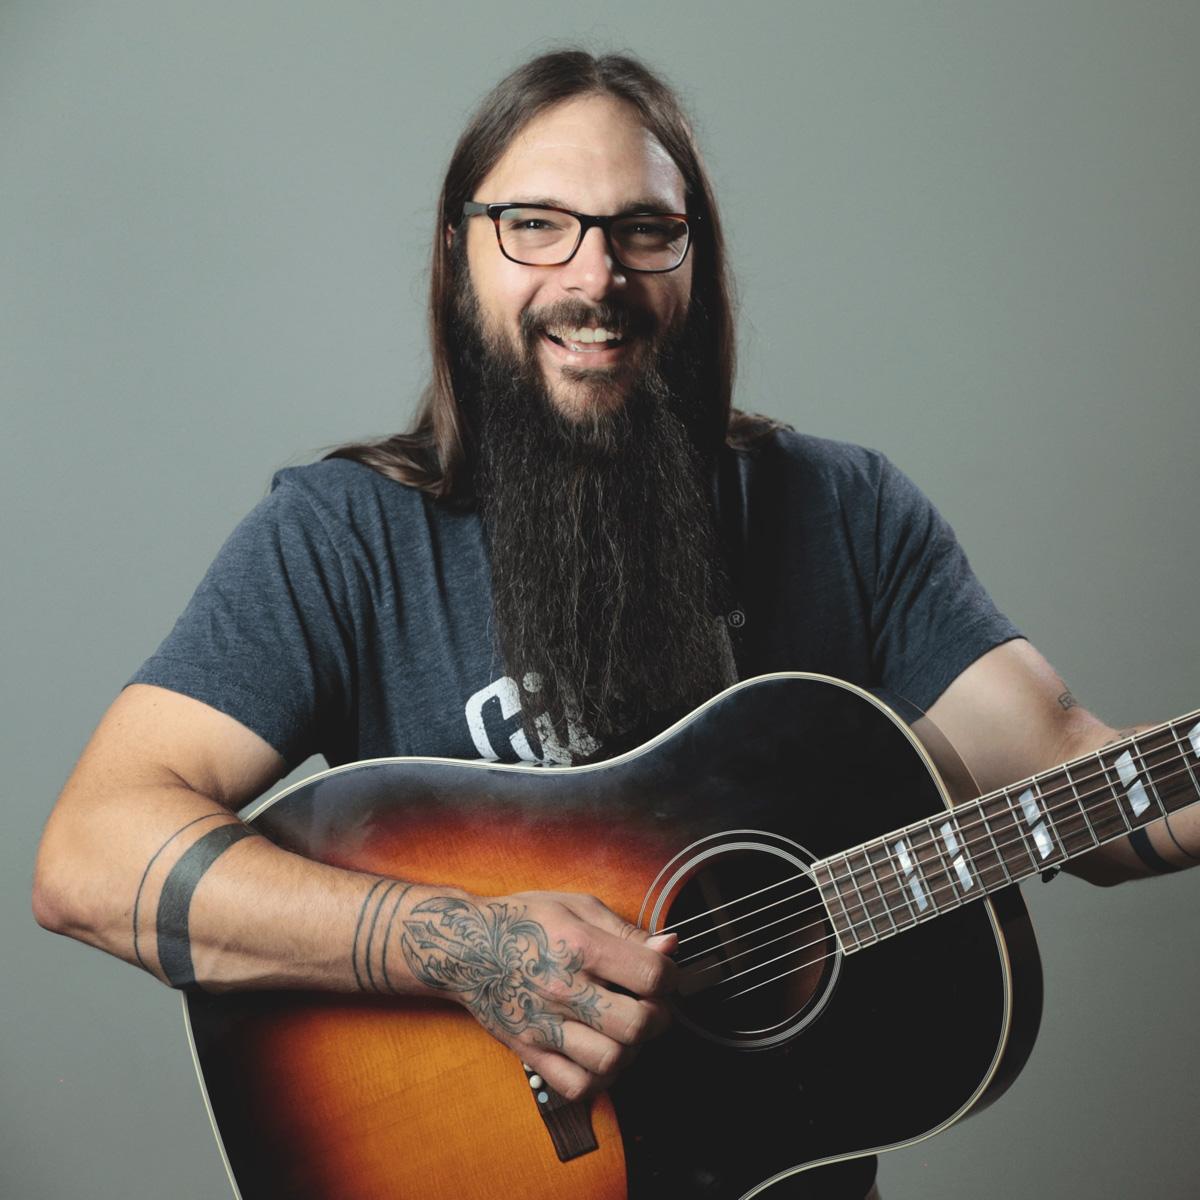 web_tony-polecastro-how-to-play-guitar-1